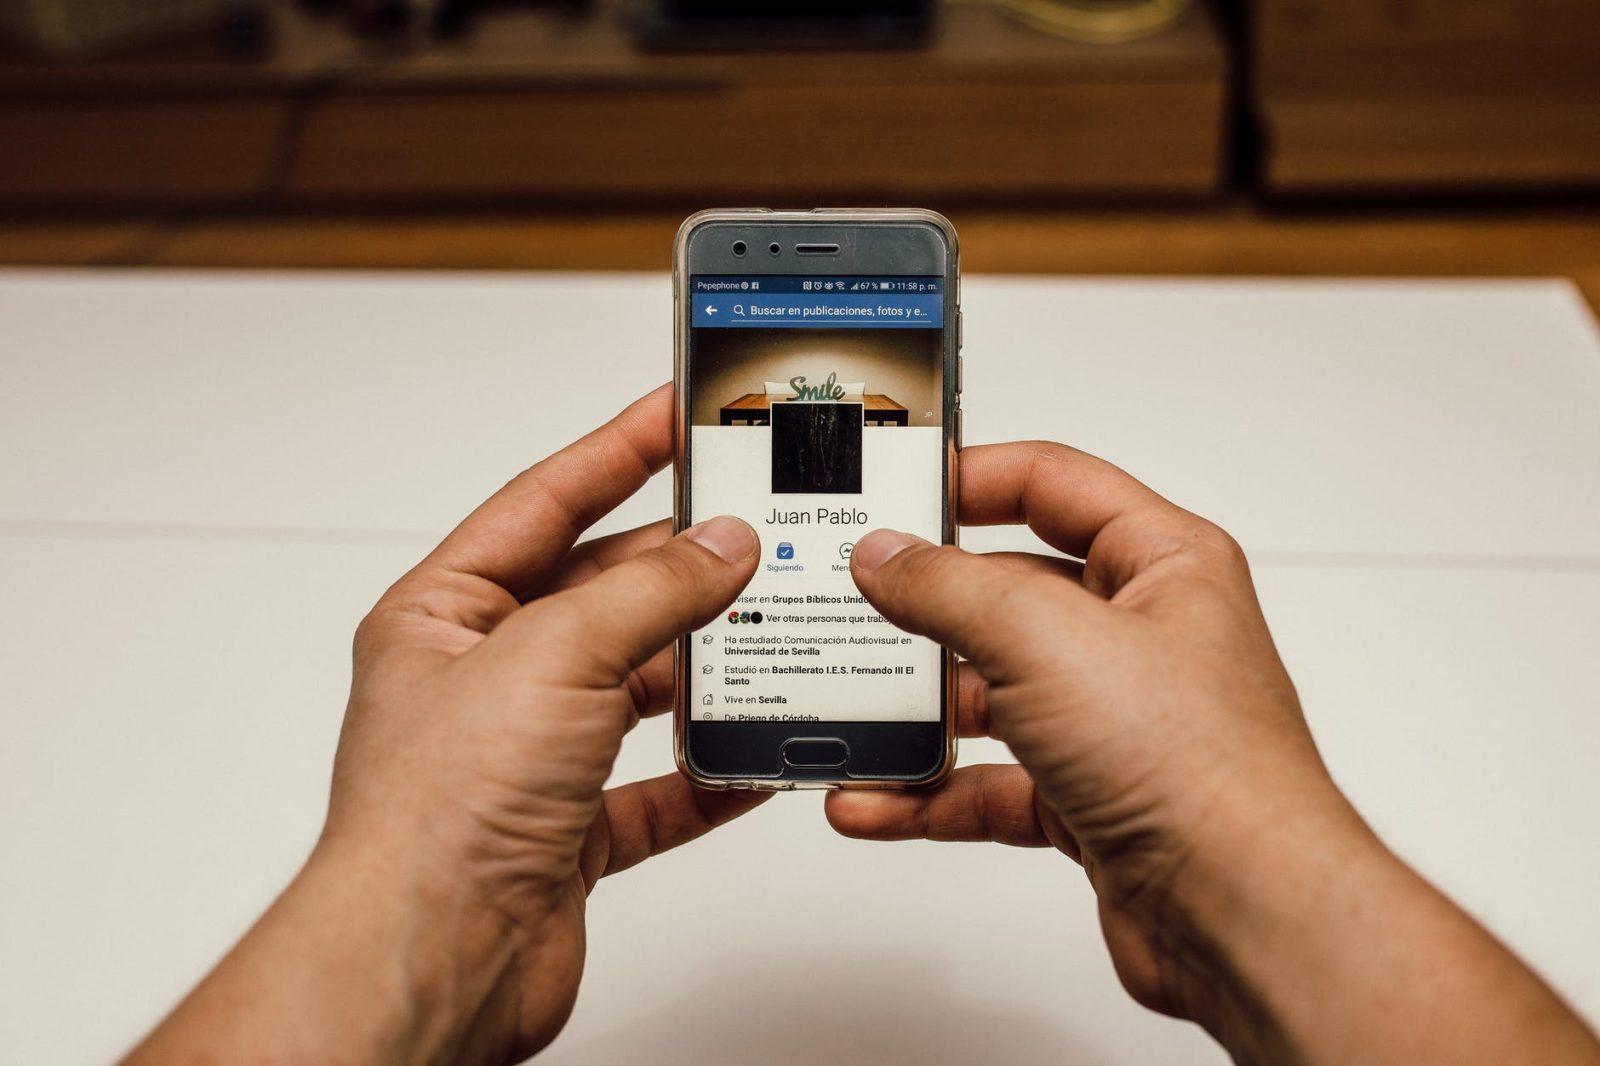 4 דרכים: איך להביא לקוחות חדשים בפייסבוק בקלות